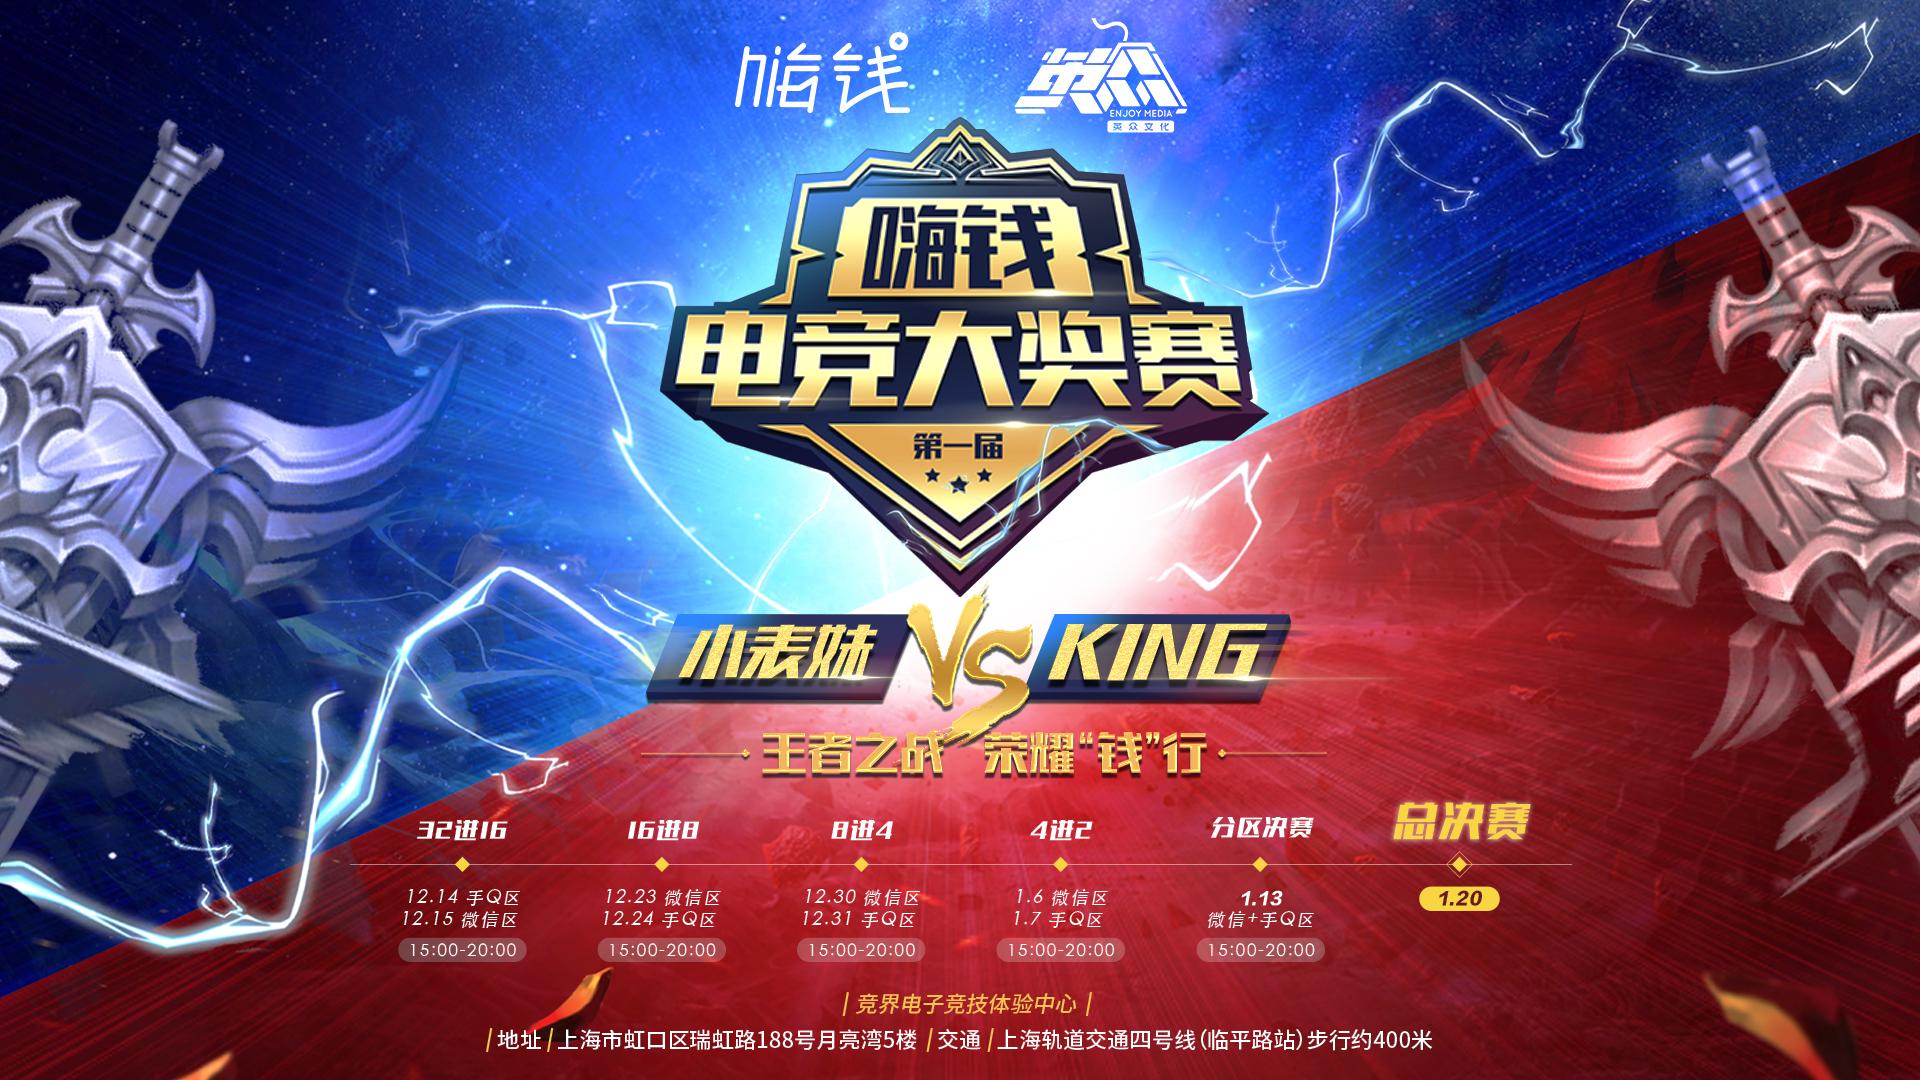 《嗨钱电竞大奖赛》总决赛即将打响,两大赛区角逐最终总冠军